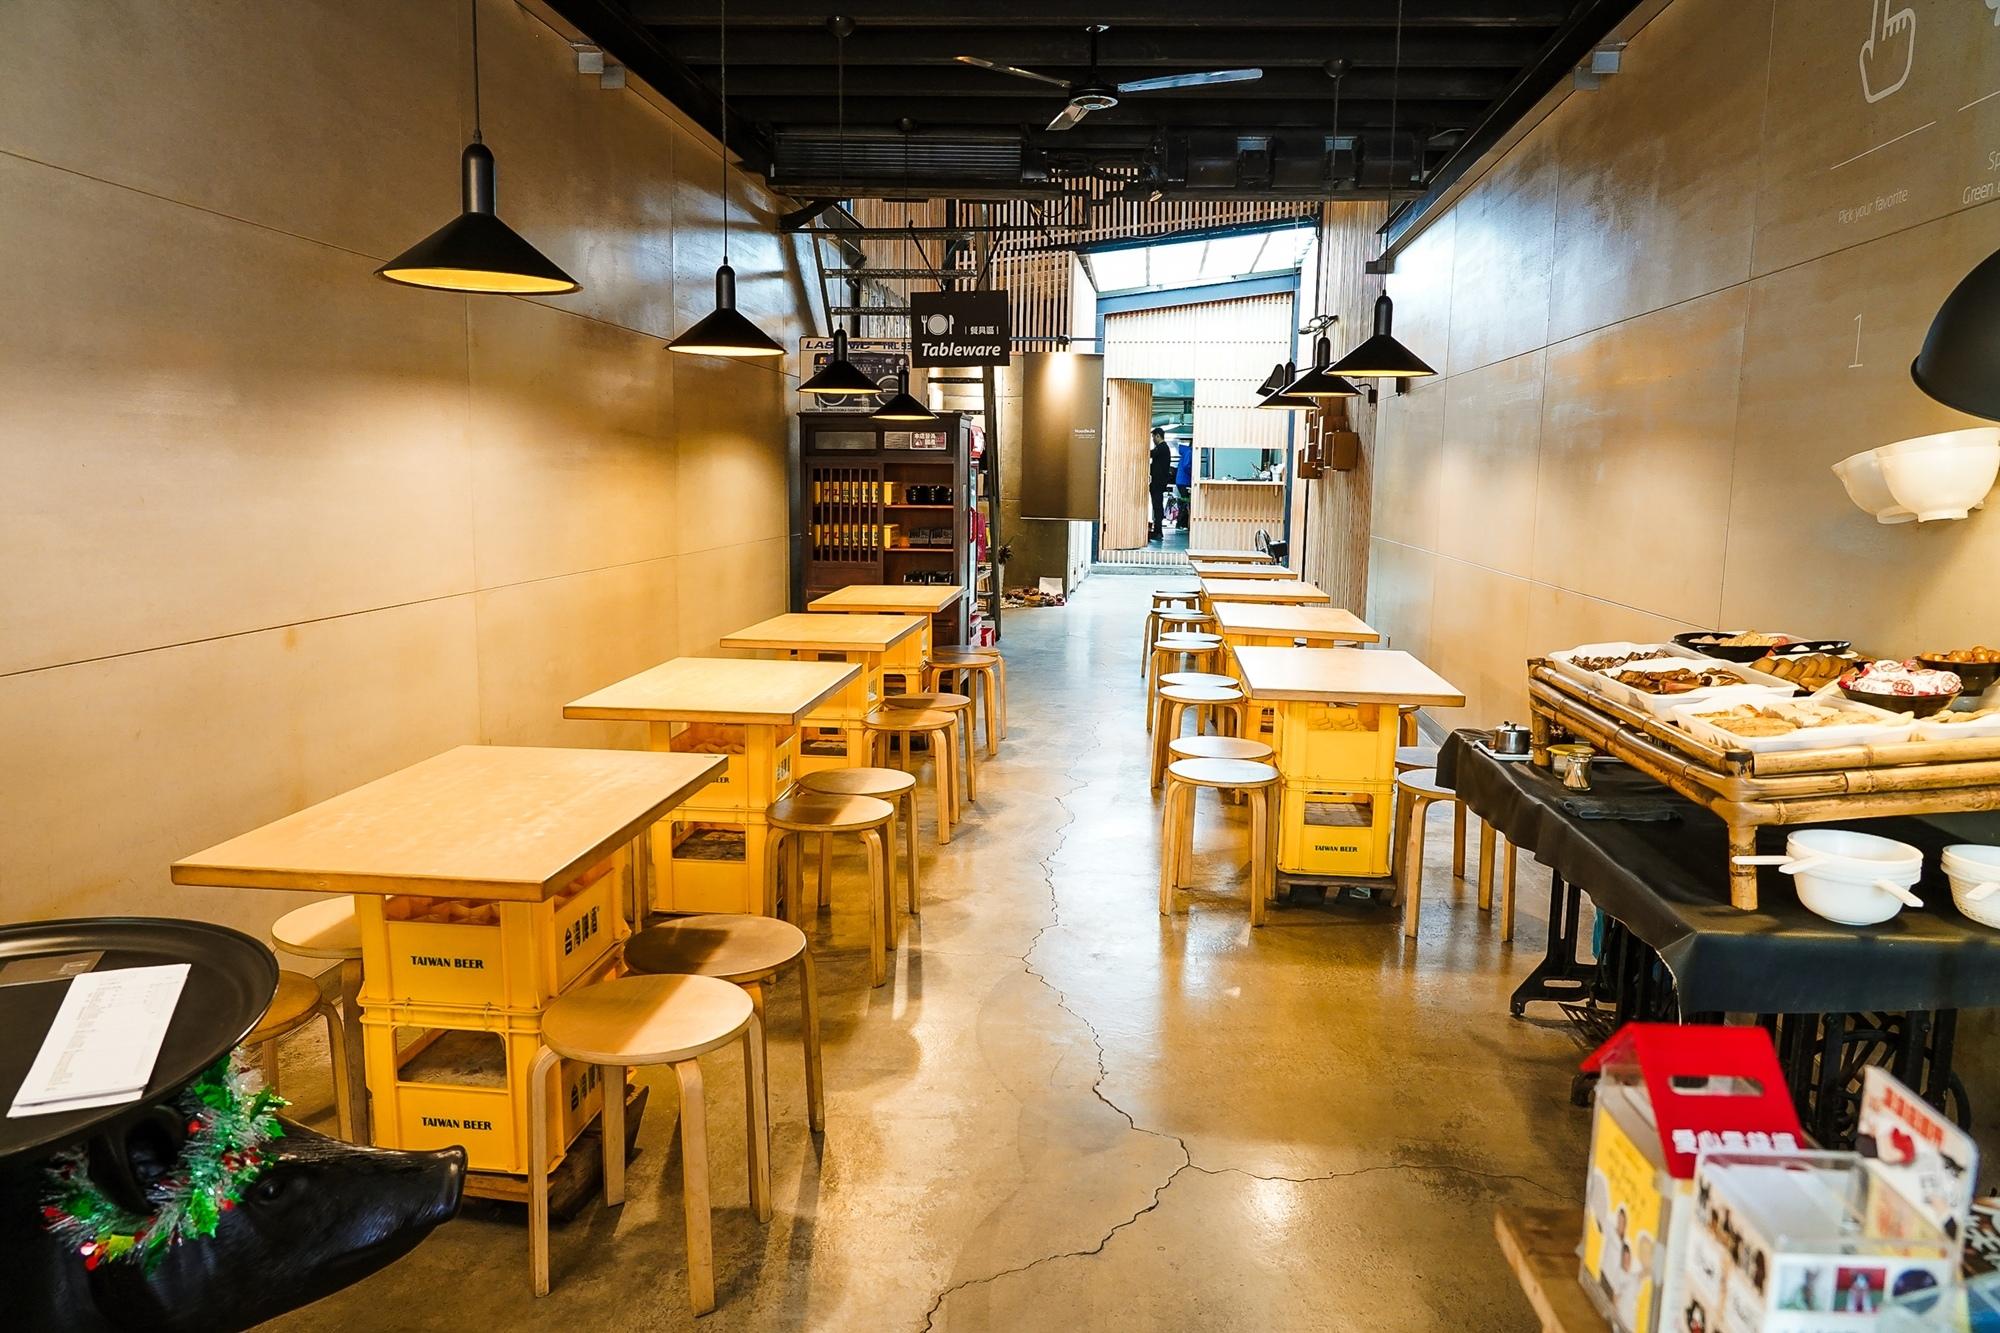 台南中西區美食 東城麵家 結合hiphop與街頭文化的潮流麵店3.jpg